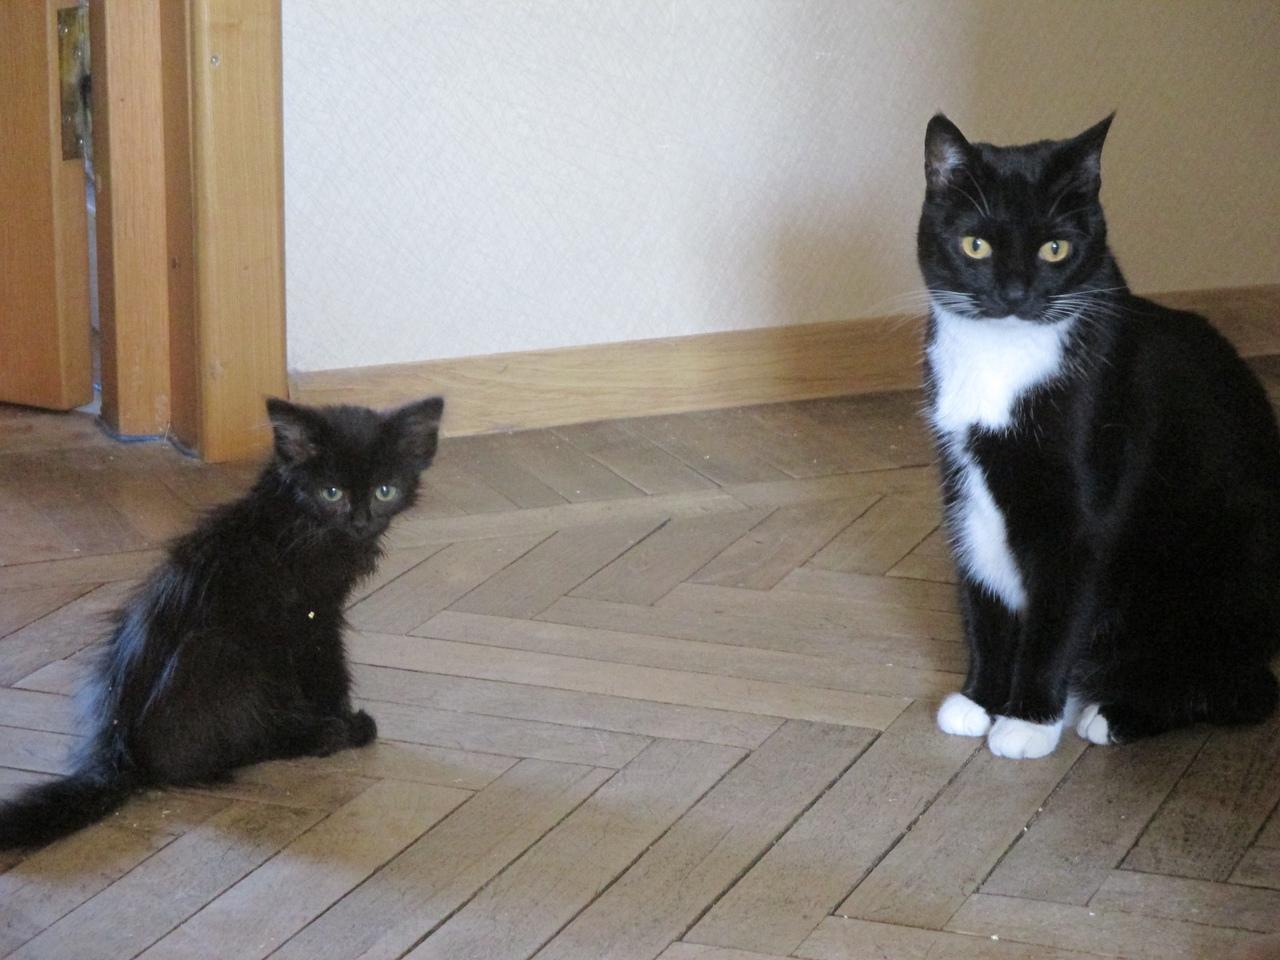 котенок сидит рядом с кошкой